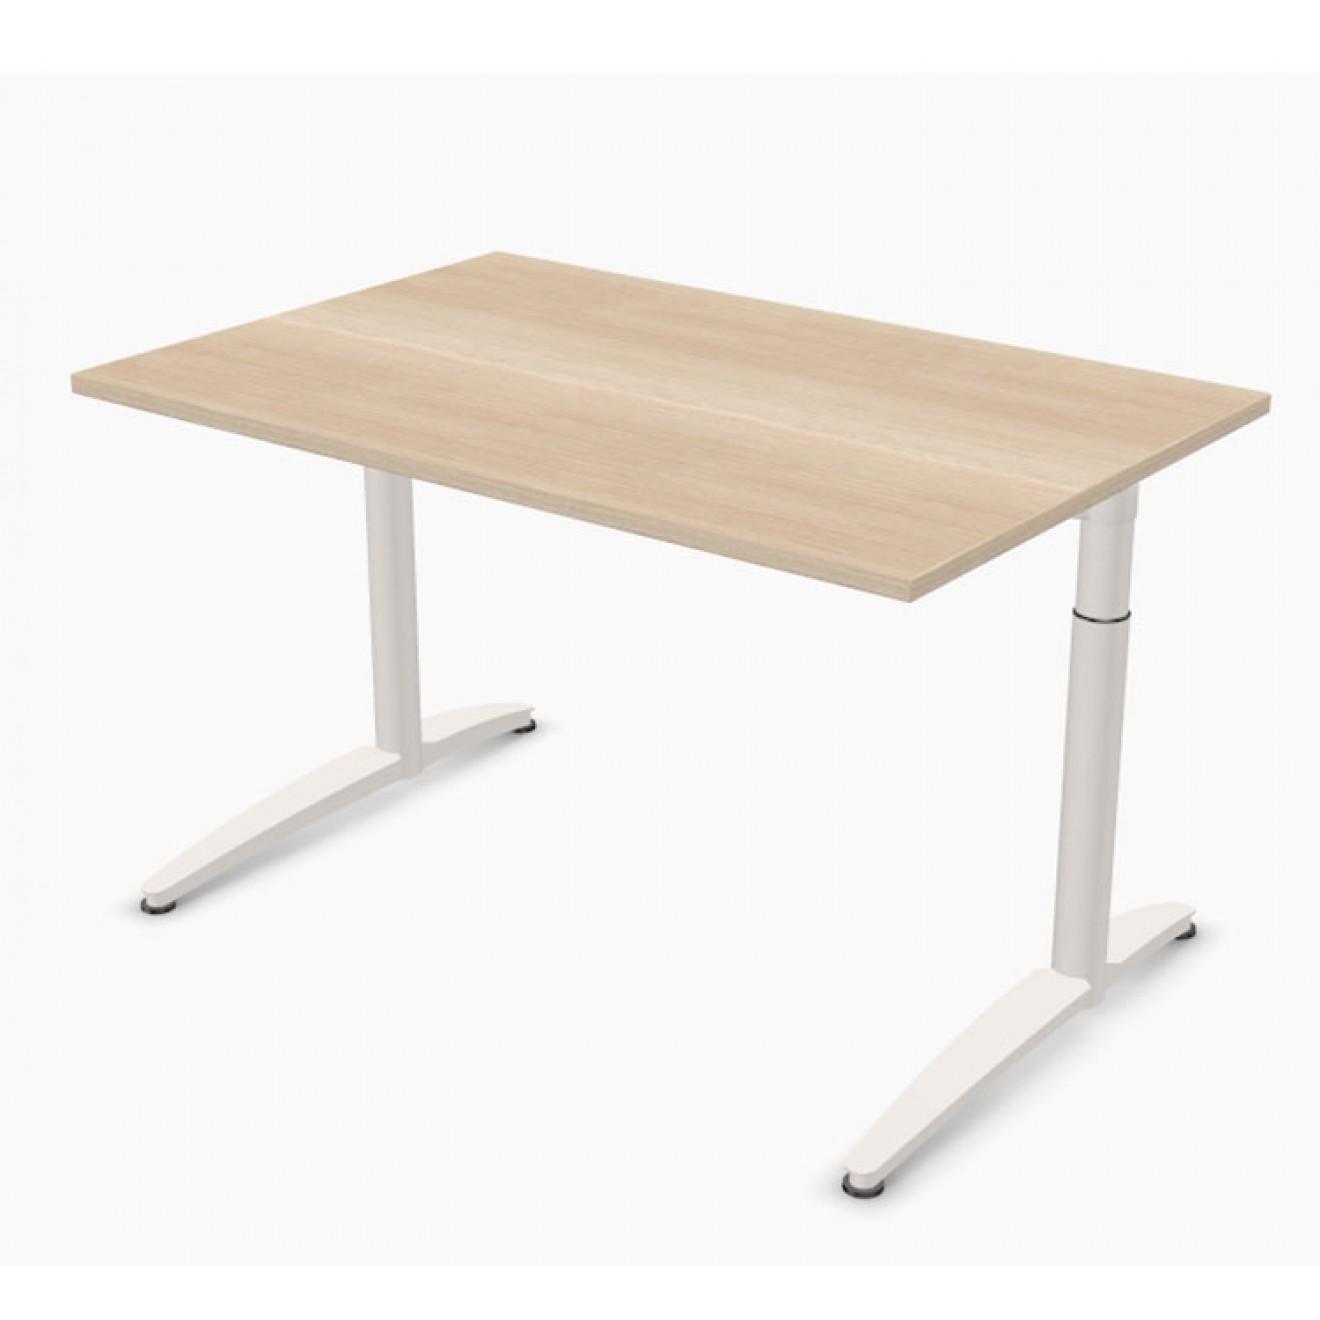 Schreibtisch palmberg caldo 120 x 80 x 65 85 cm for Schreibtisch 85 cm hoch